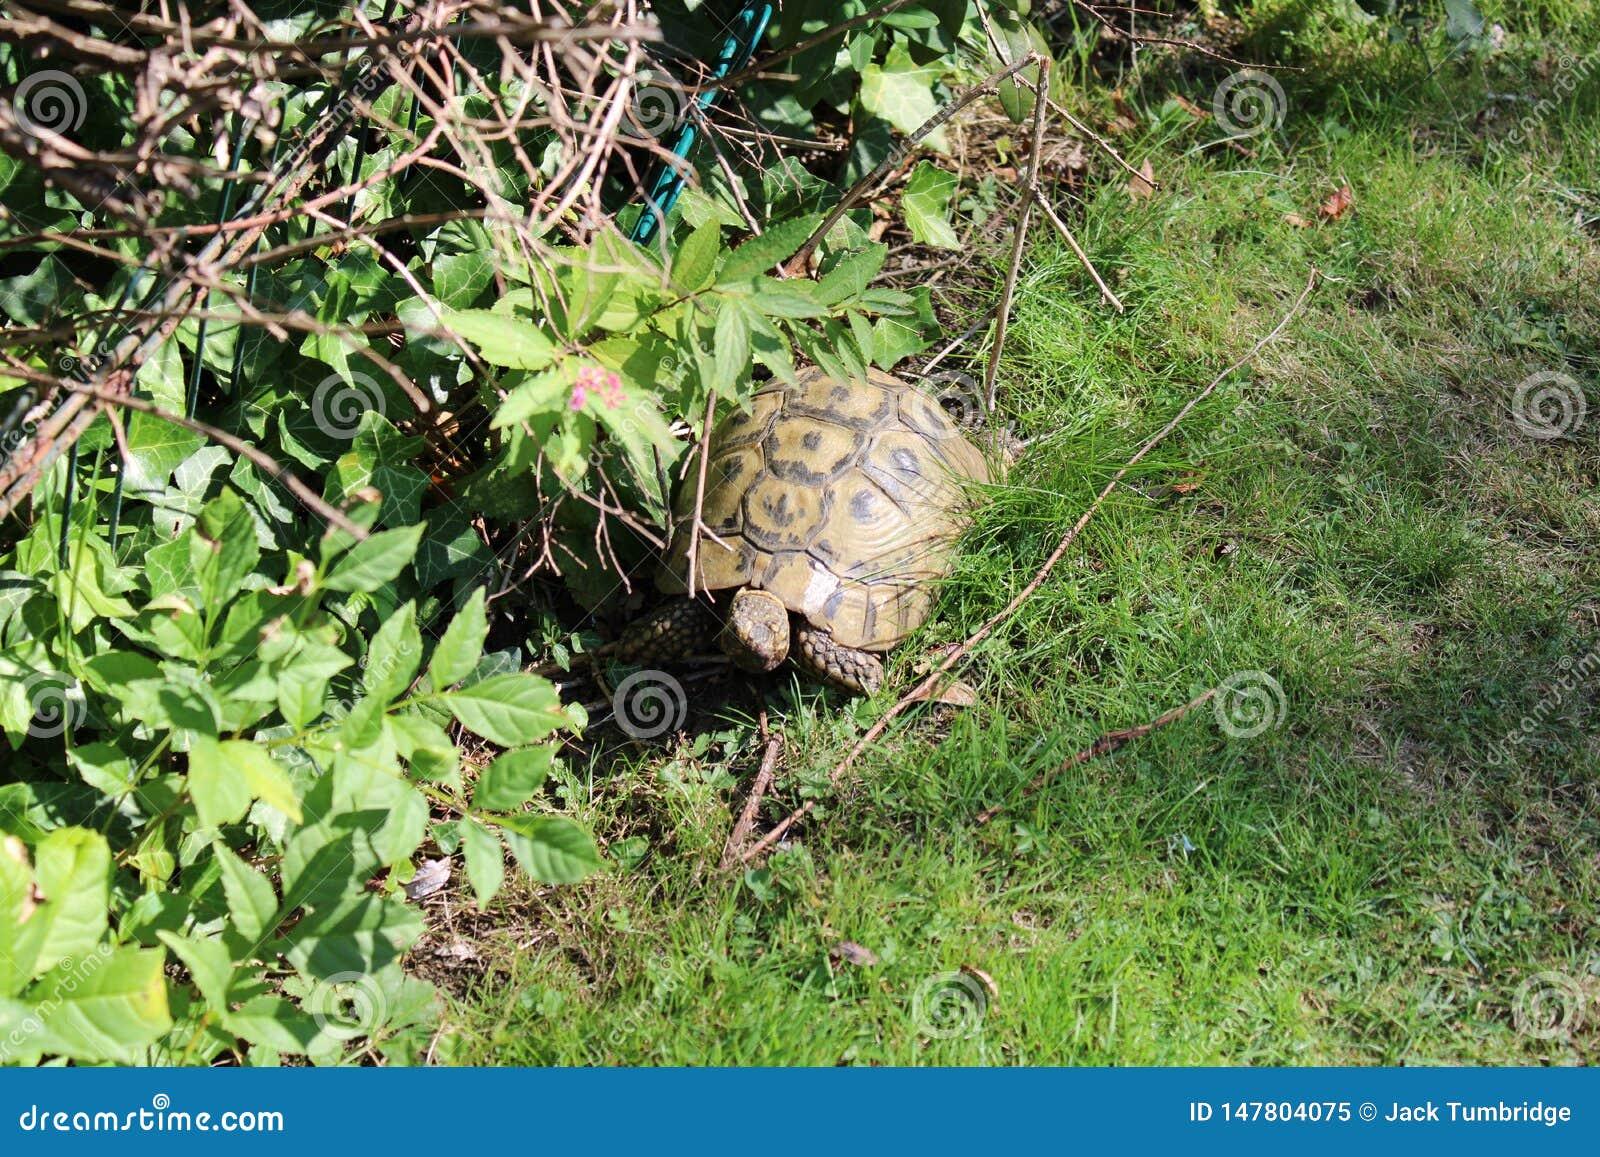 Tortoise eating lettuce leaves